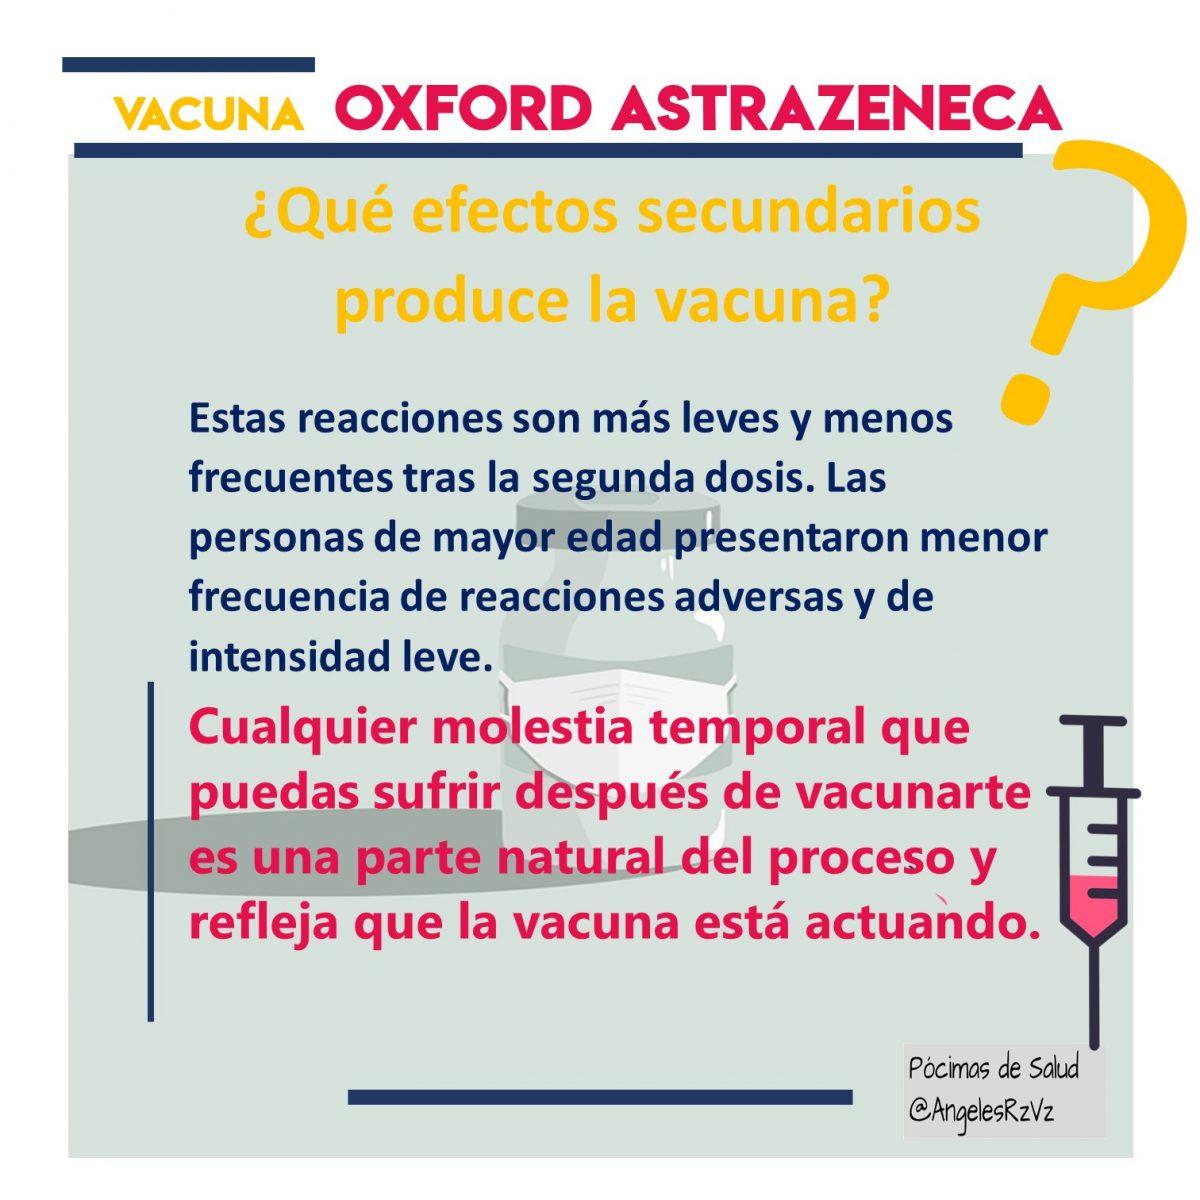 VID19 Oxford AstraZeneca